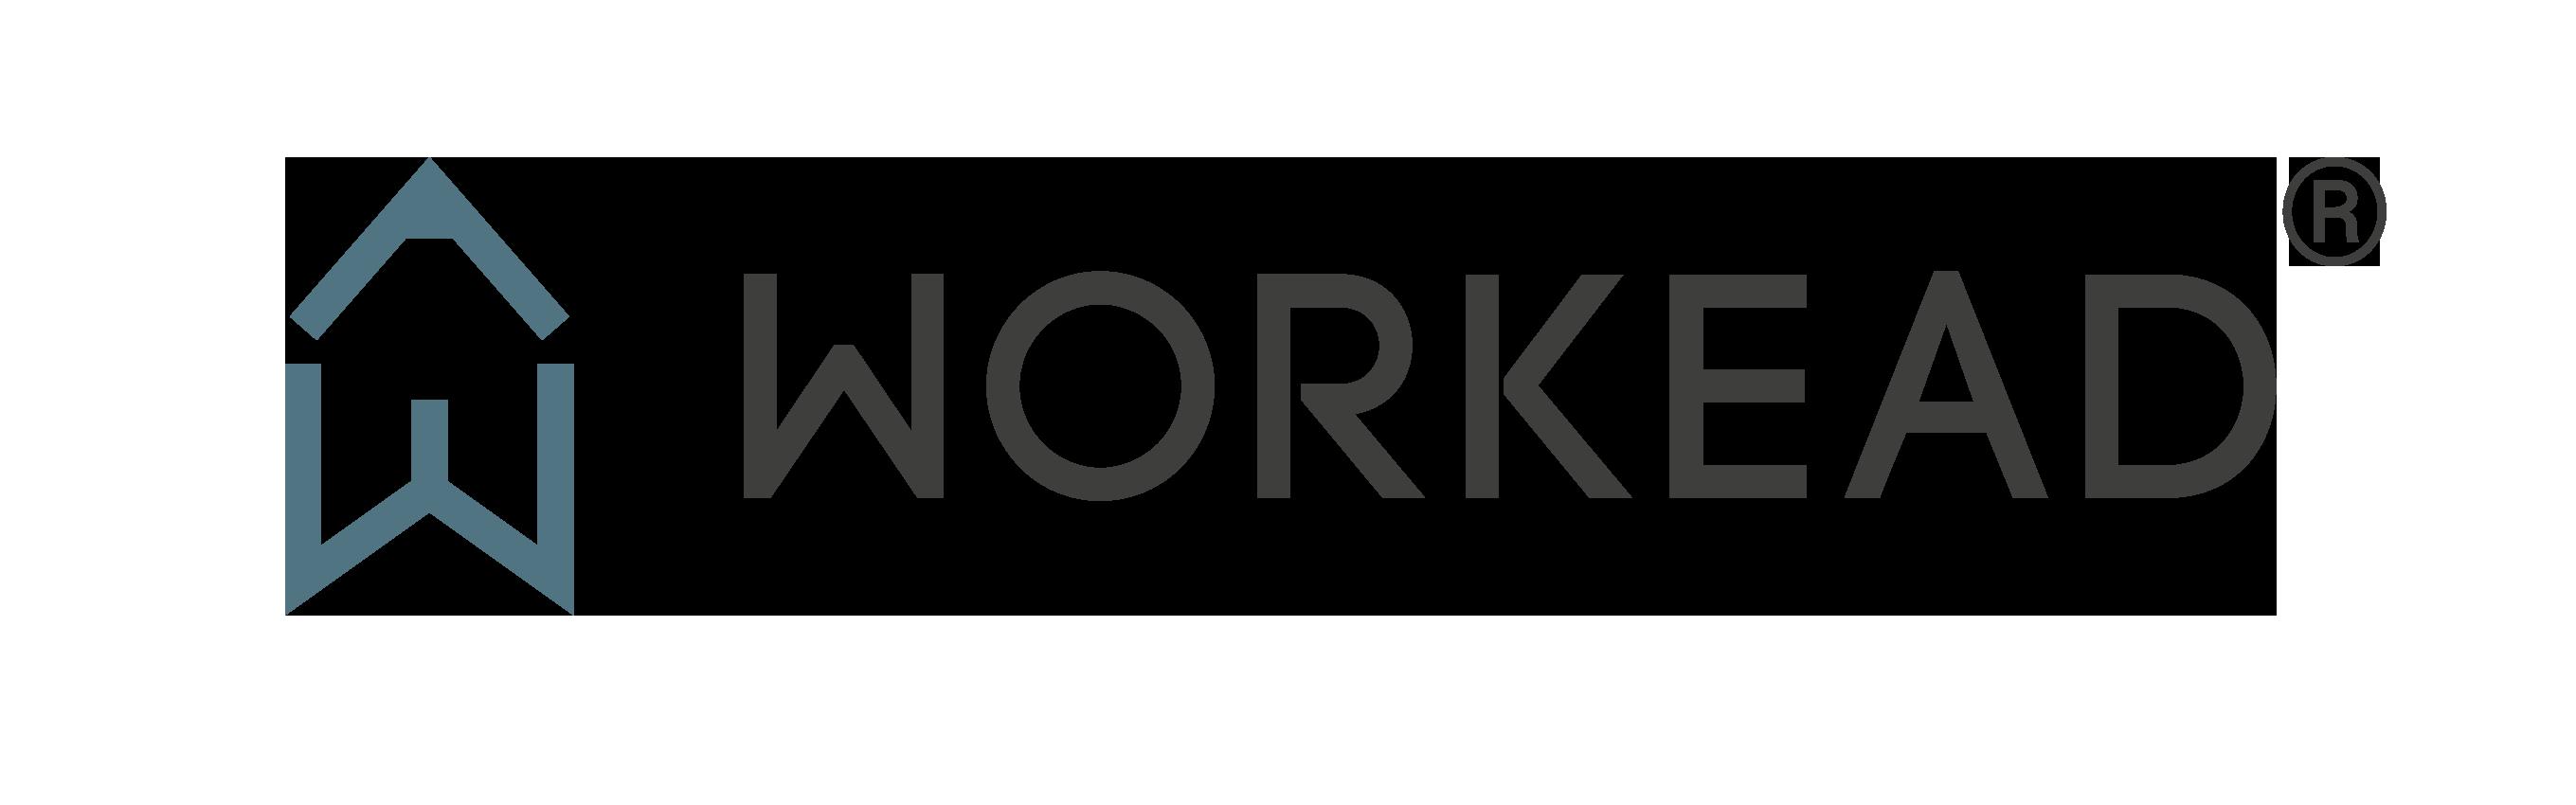 Logo Workead marchio registrato - arredamento e design